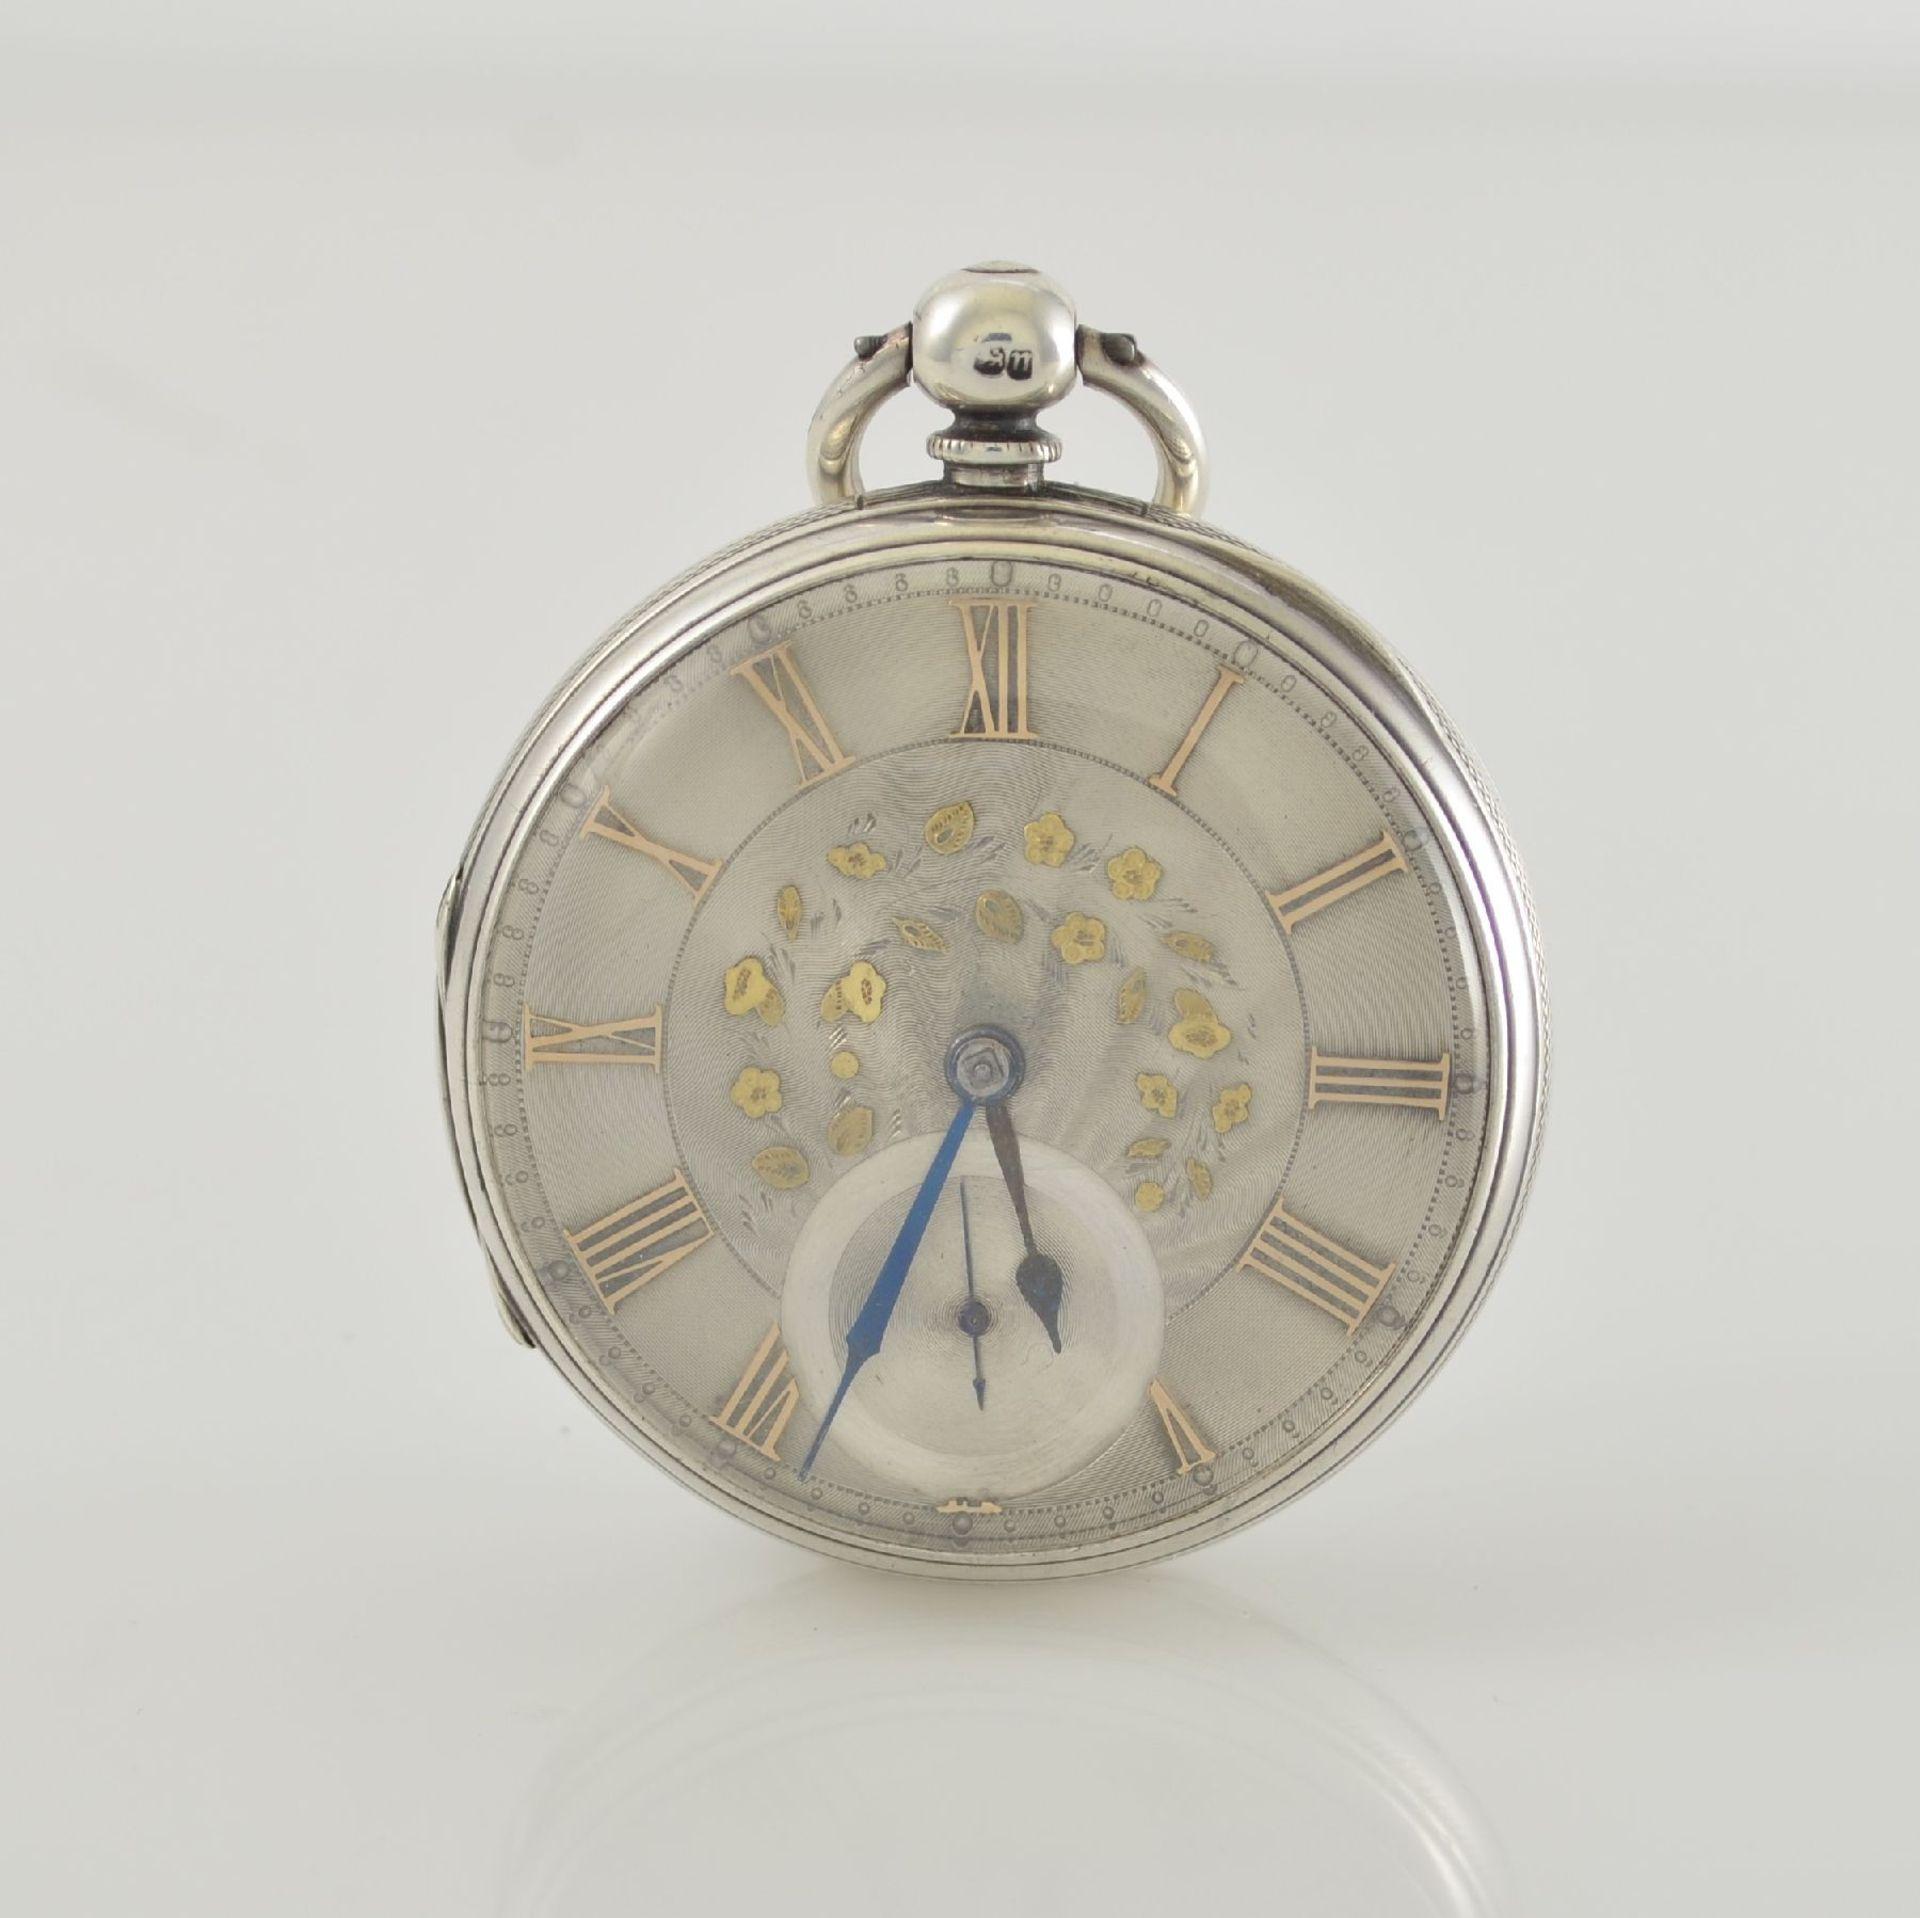 STORY & SEDMAN englische Taschenuhr in Silber, um 1870, 3-teil. Gehäuse innen m. Widmung,